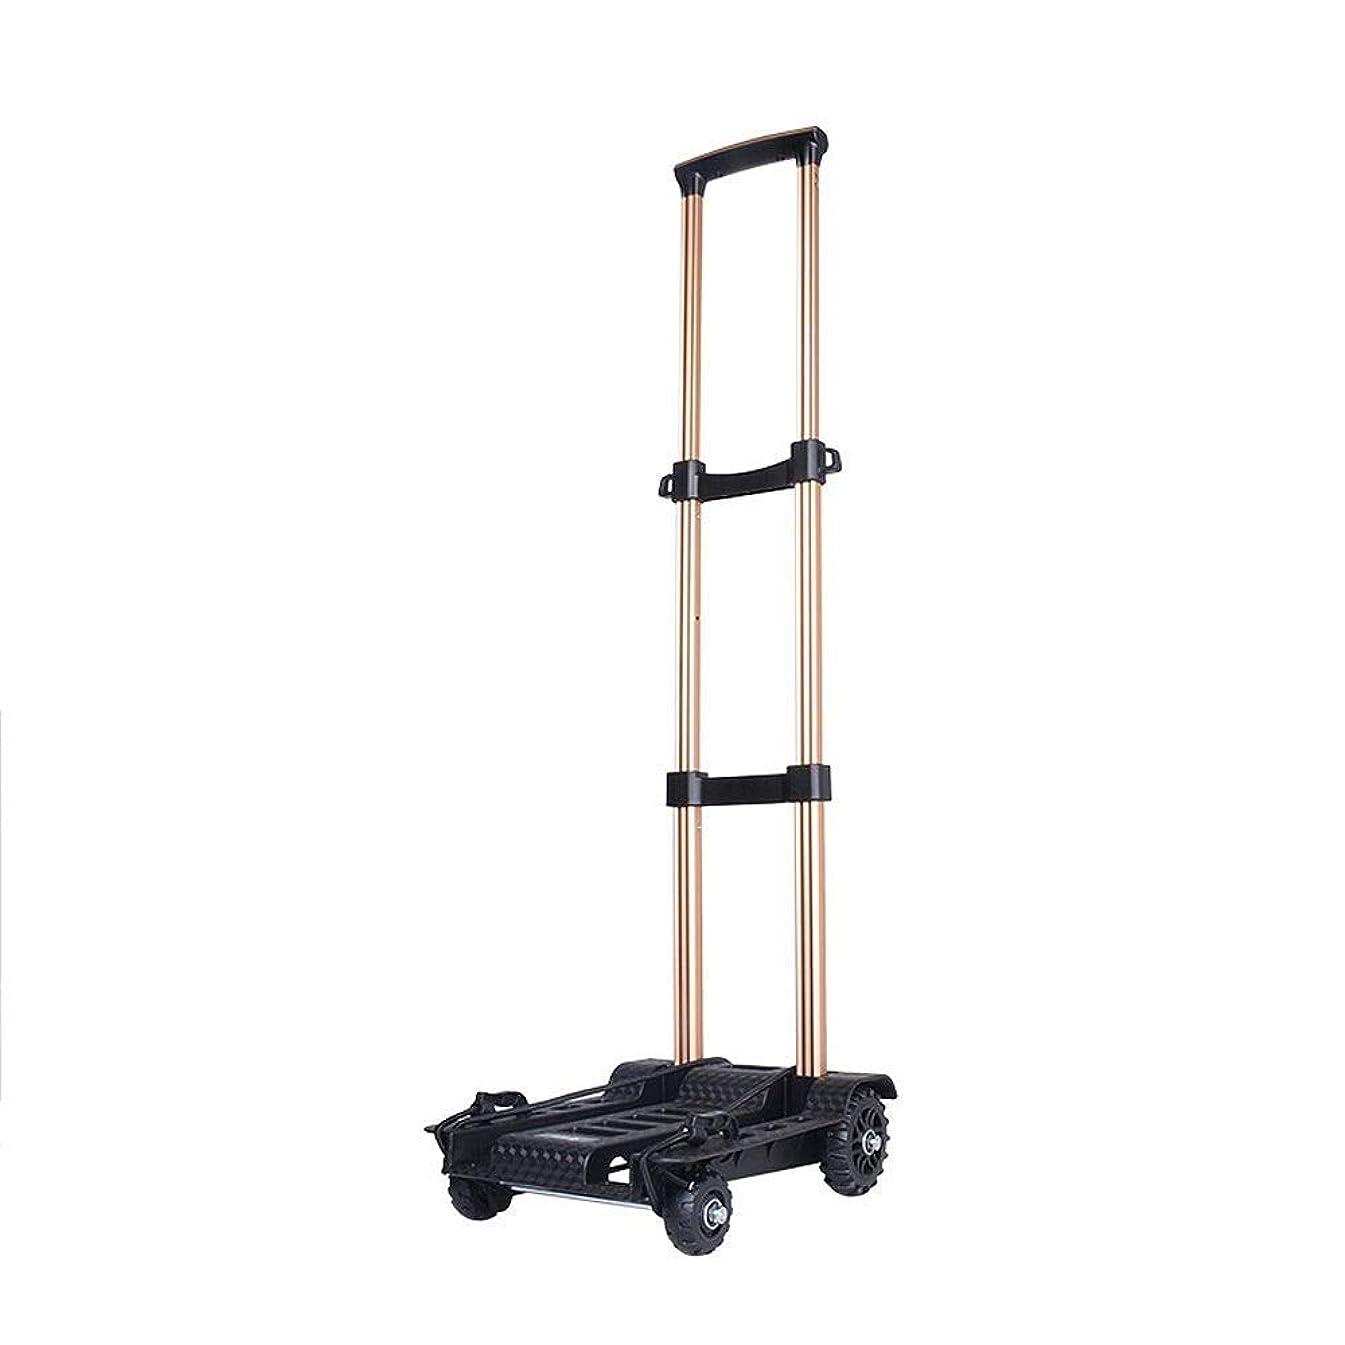 裁定ペパーミントまともなHEMFV 実用的なカート4輪折りたたみコンパクト軽量丈夫な荷物カート旅行トロリー静かなホイーリングスポーツ